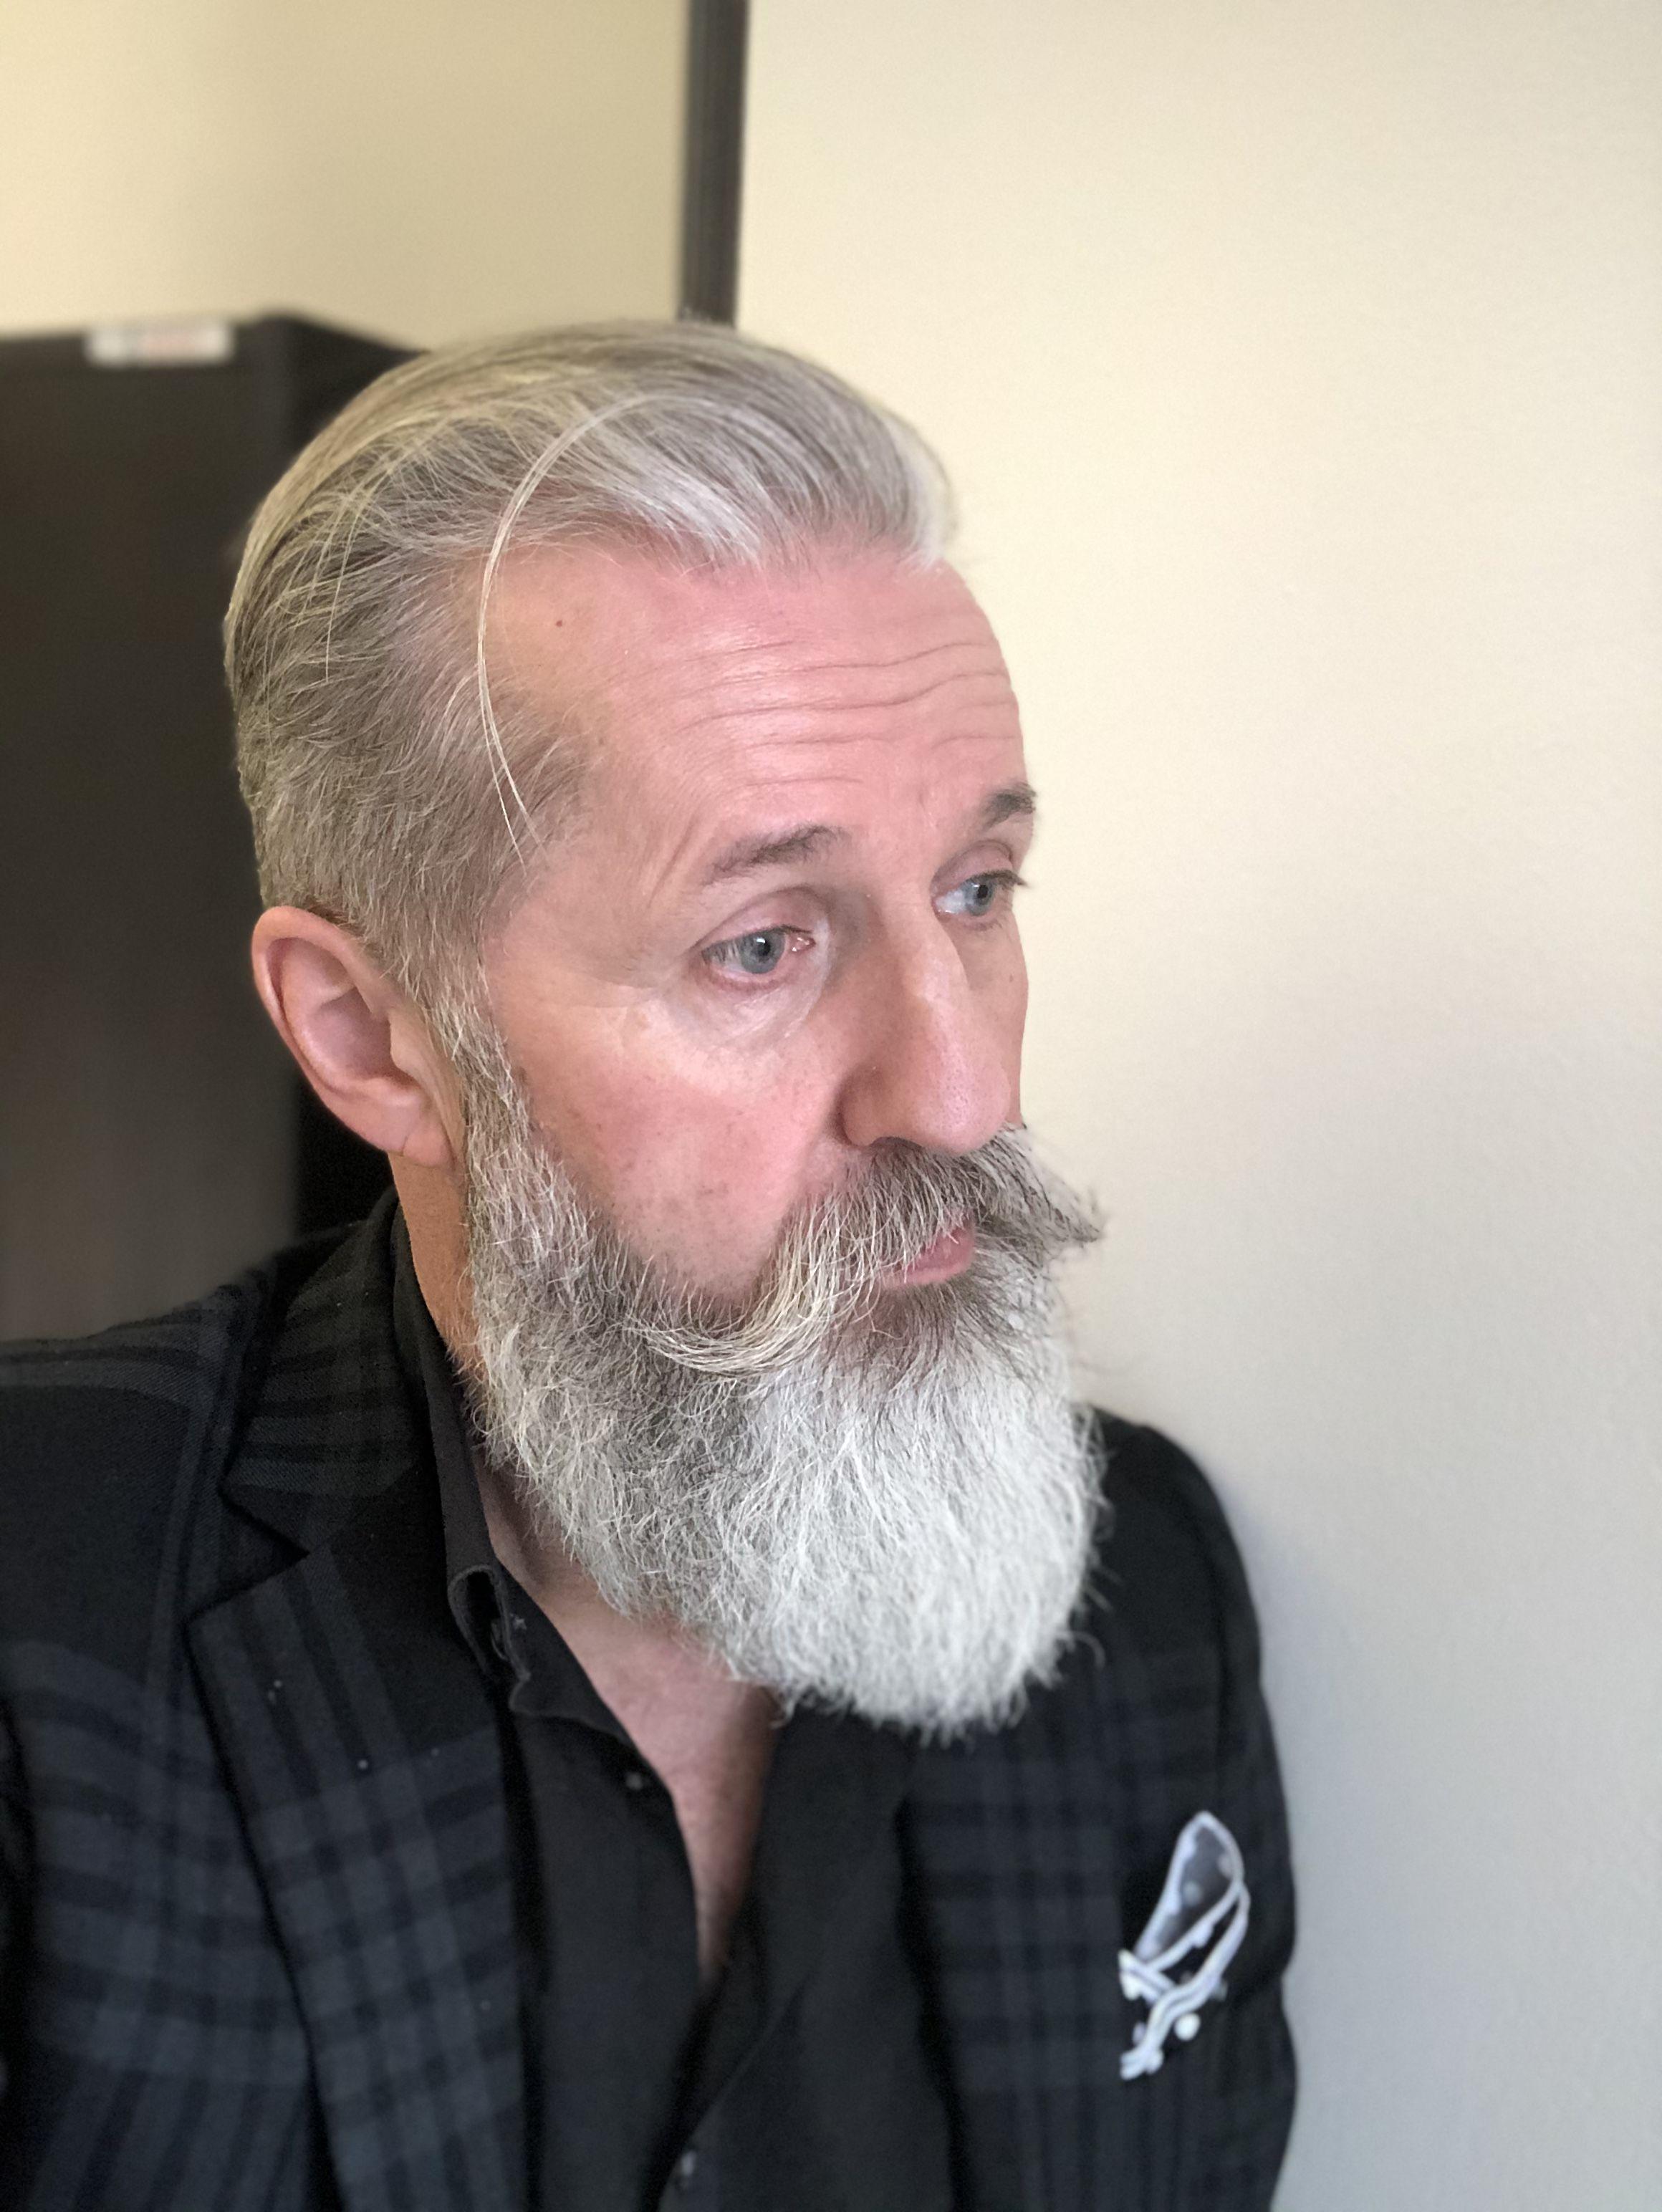 Pin by lichtacek on Beards in 2020